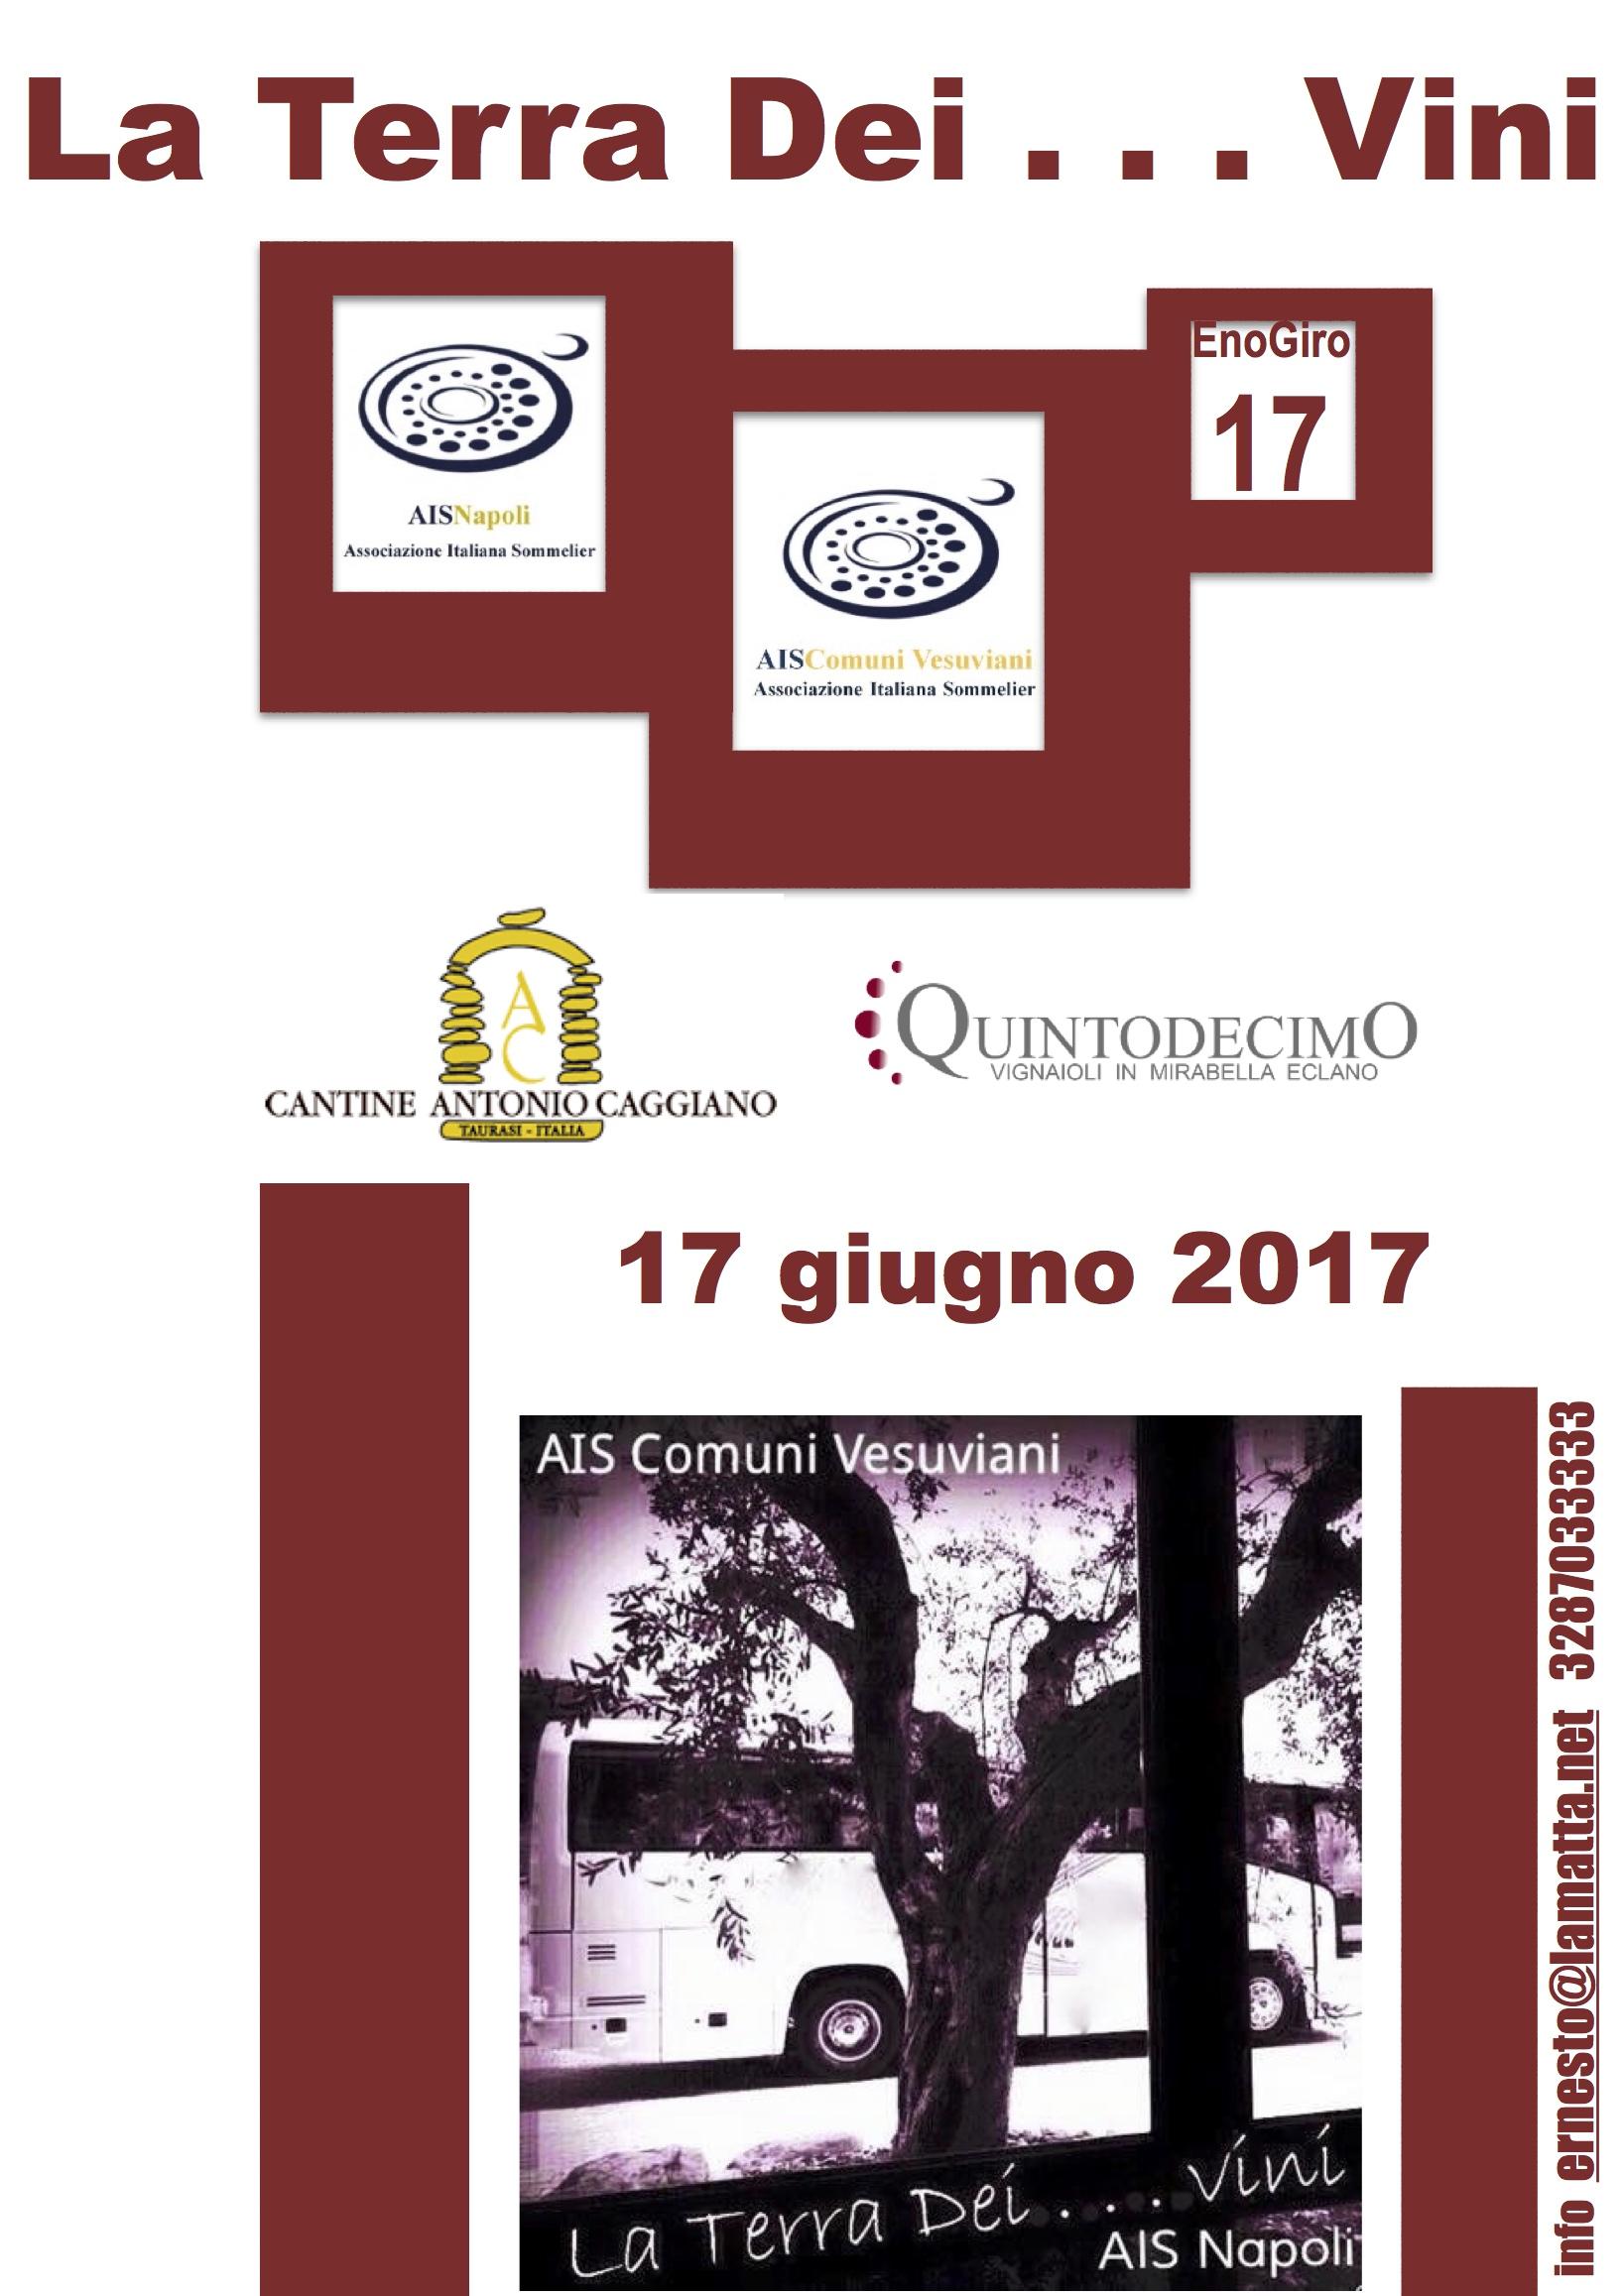 17 Giugno, Enogiro n.17  La Terra dei…Vini da Cantine Antonio Caggiano e Quintodecimo